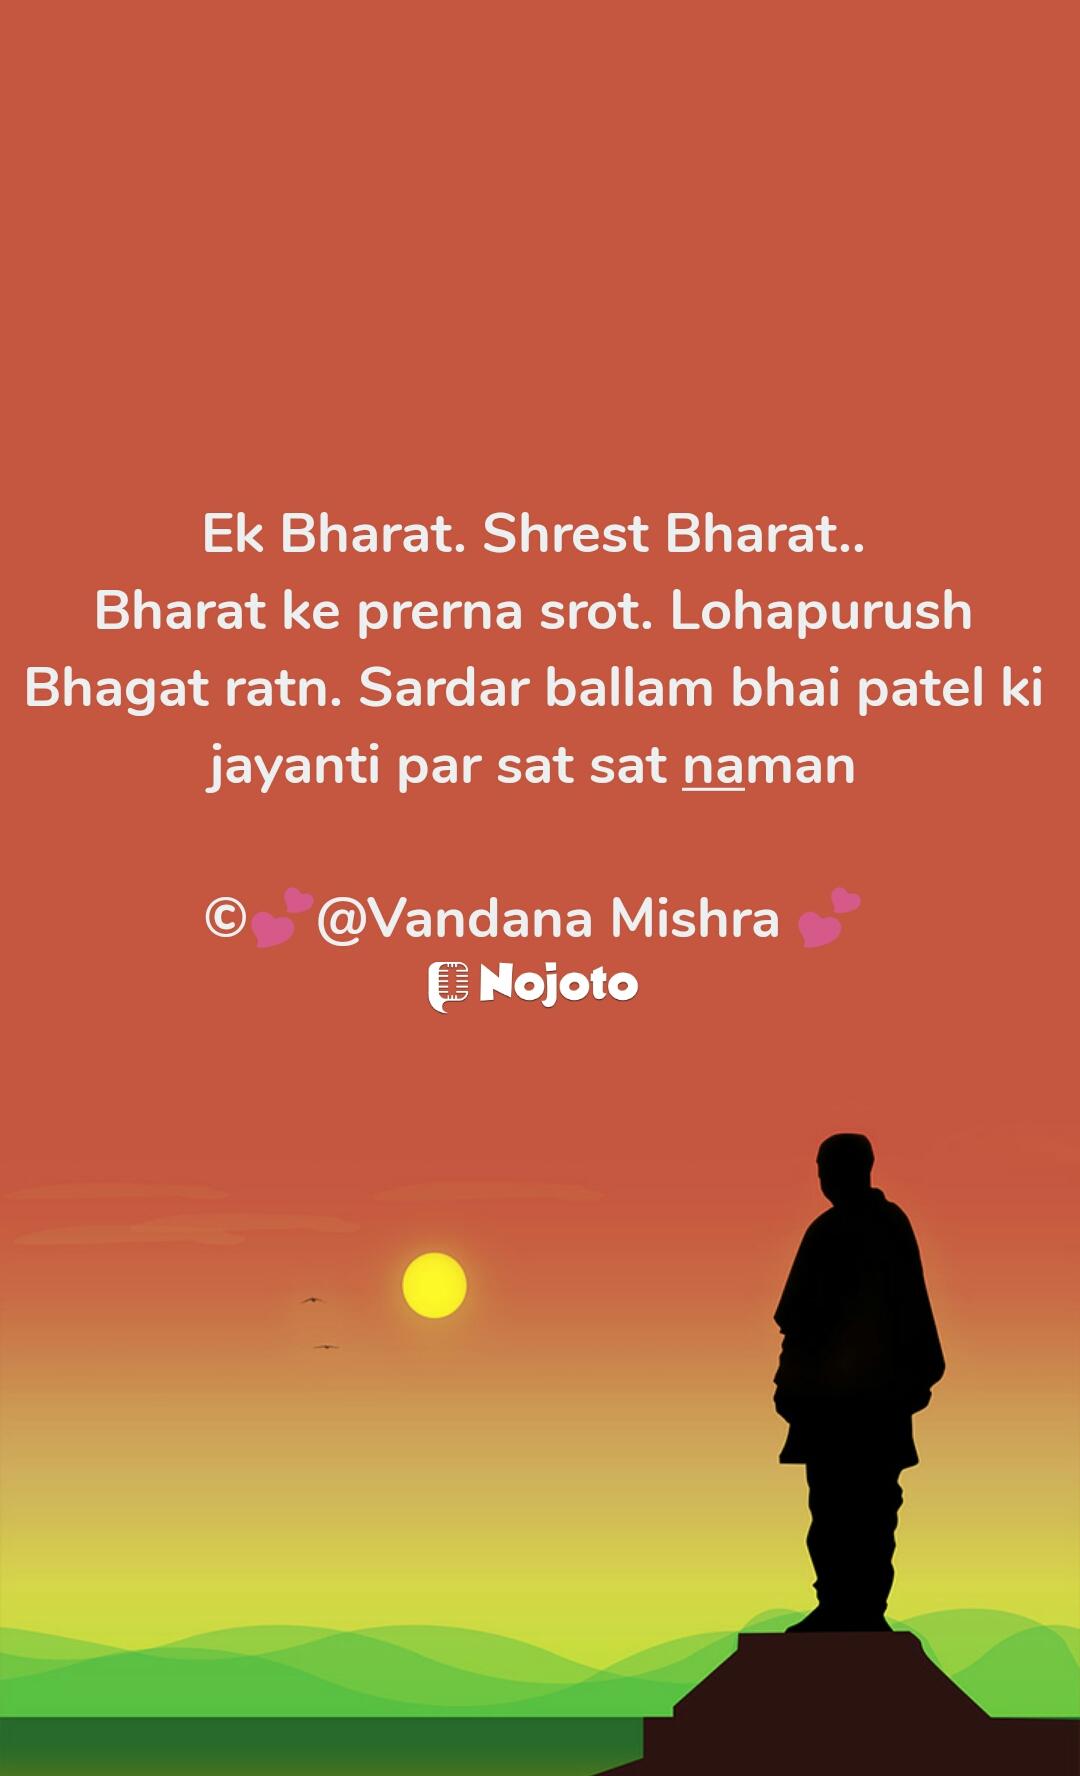 Ek Bharat. Shrest Bharat.. Bharat ke prerna srot. Lohapurush Bhagat ratn. Sardar ballam bhai patel ki jayanti par sat sat naman  ©💕@Vandana Mishra 💕